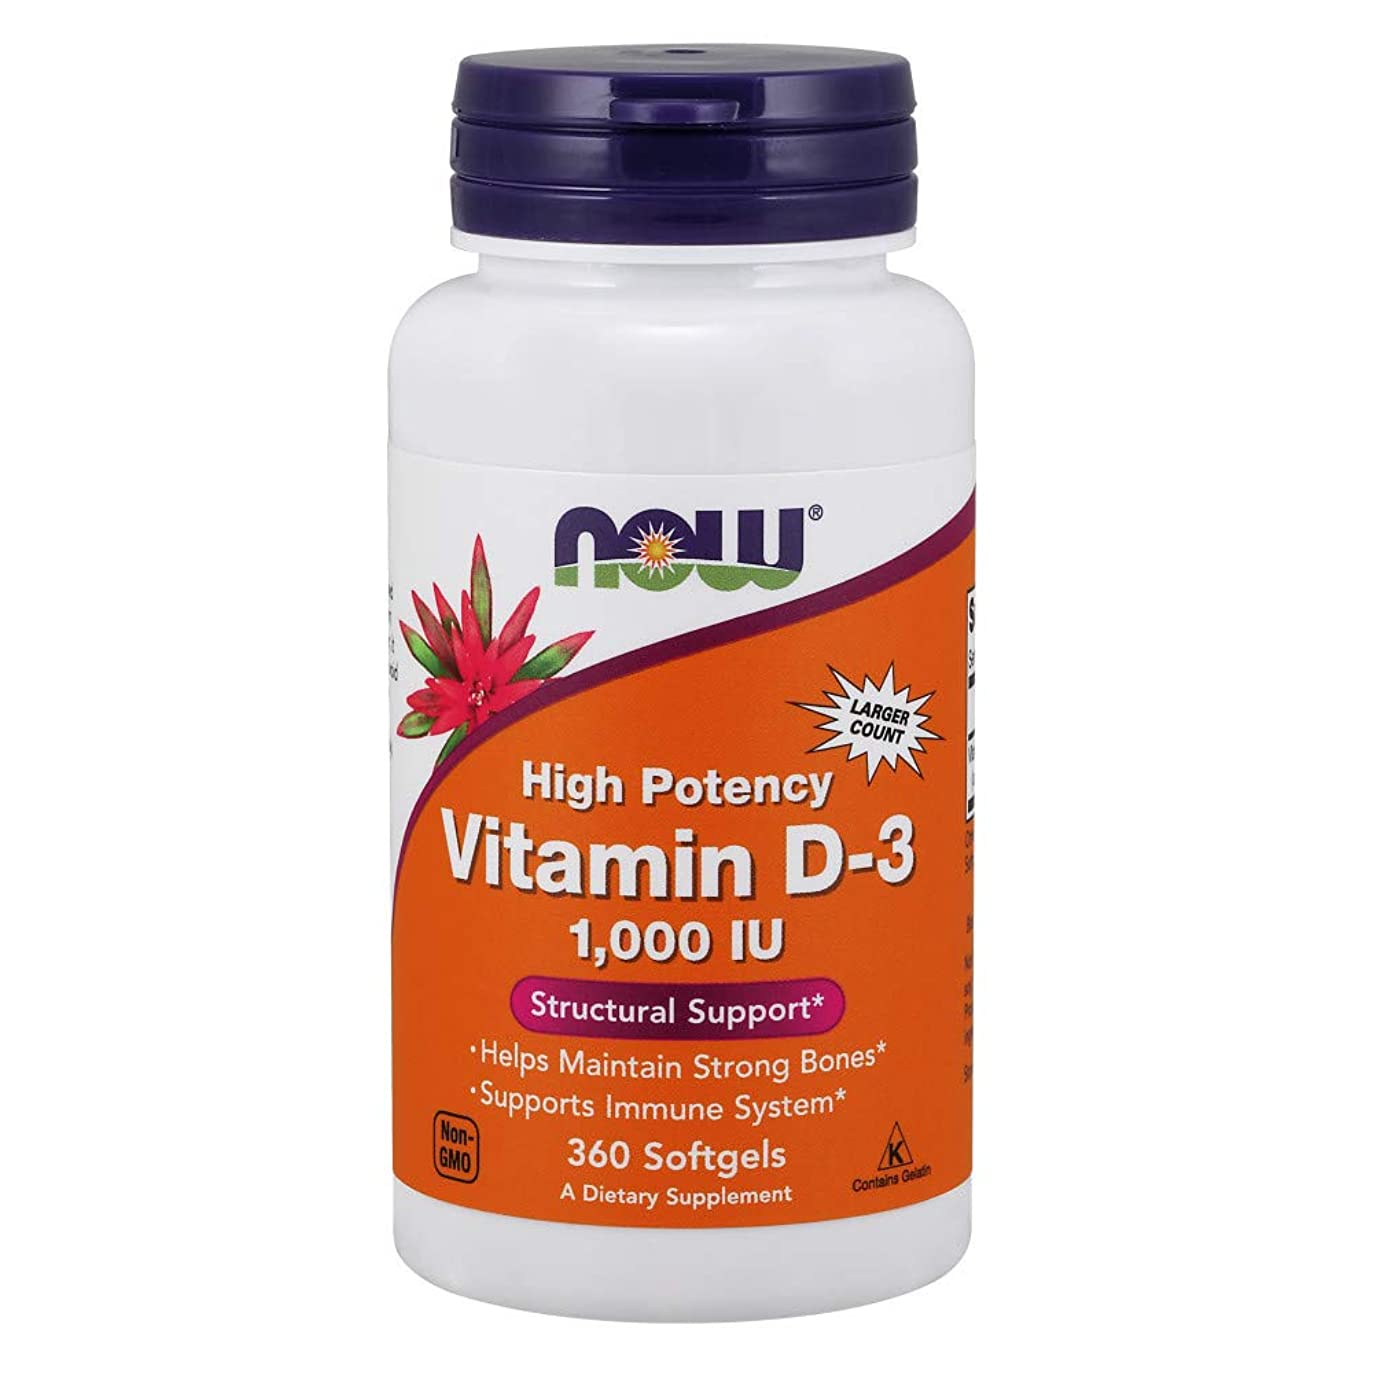 デッドロック文明化噂[海外直送品] ナウフーズ   Vitamin D-3 360 Softgels 1000 IU